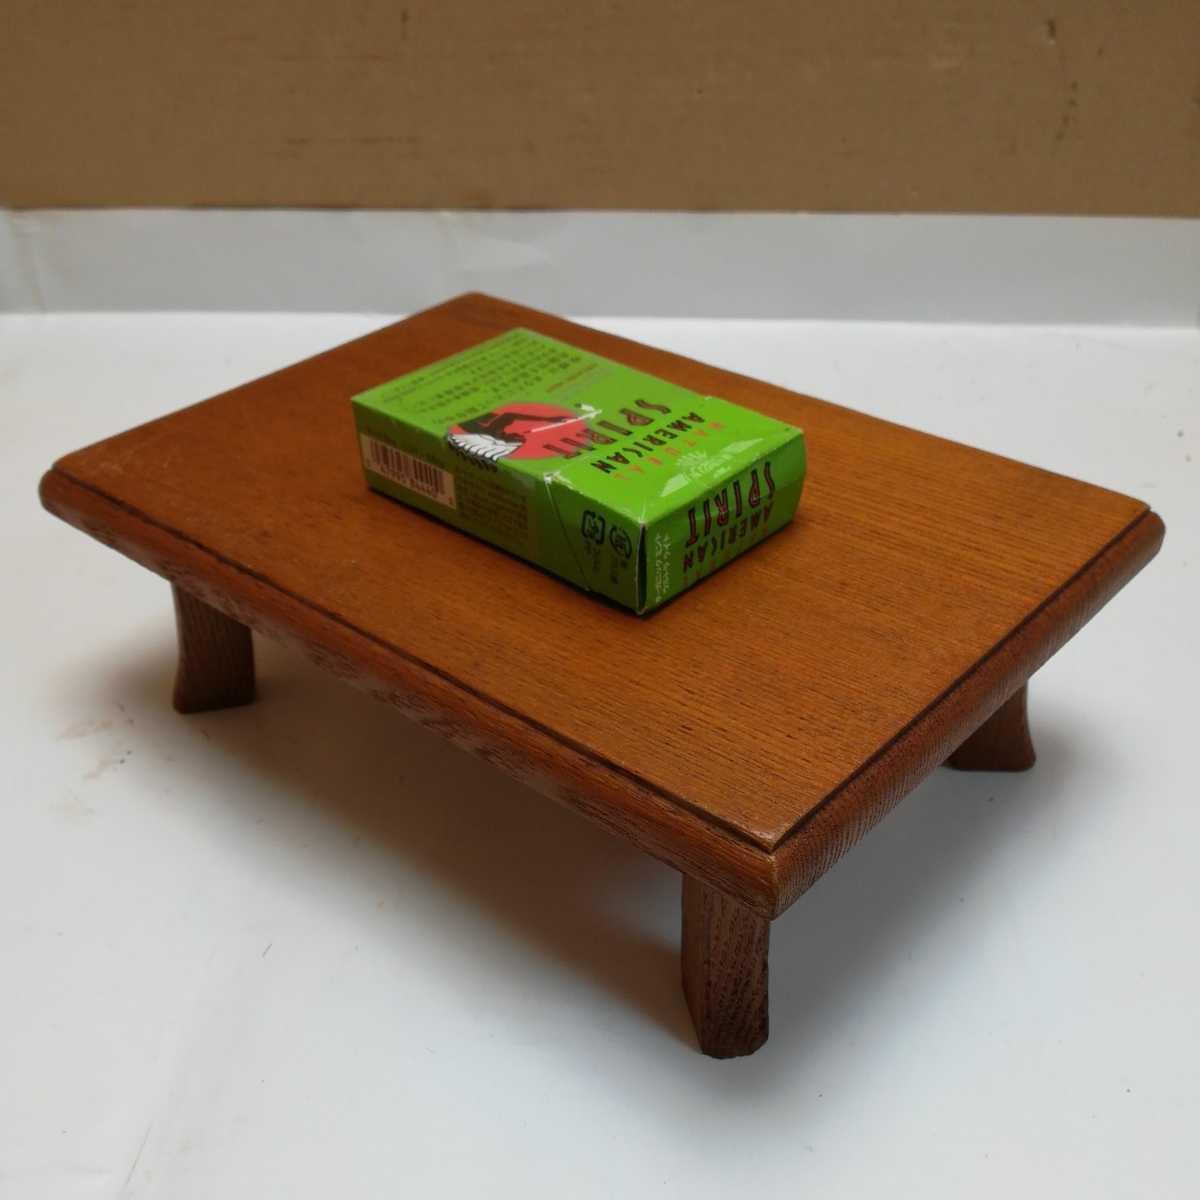 天然木 長方飾卓 長方花台 飾り台 盆栽台 香炉台 華道具 茶道具 23cmx16cmx高さ7.8cm_画像1